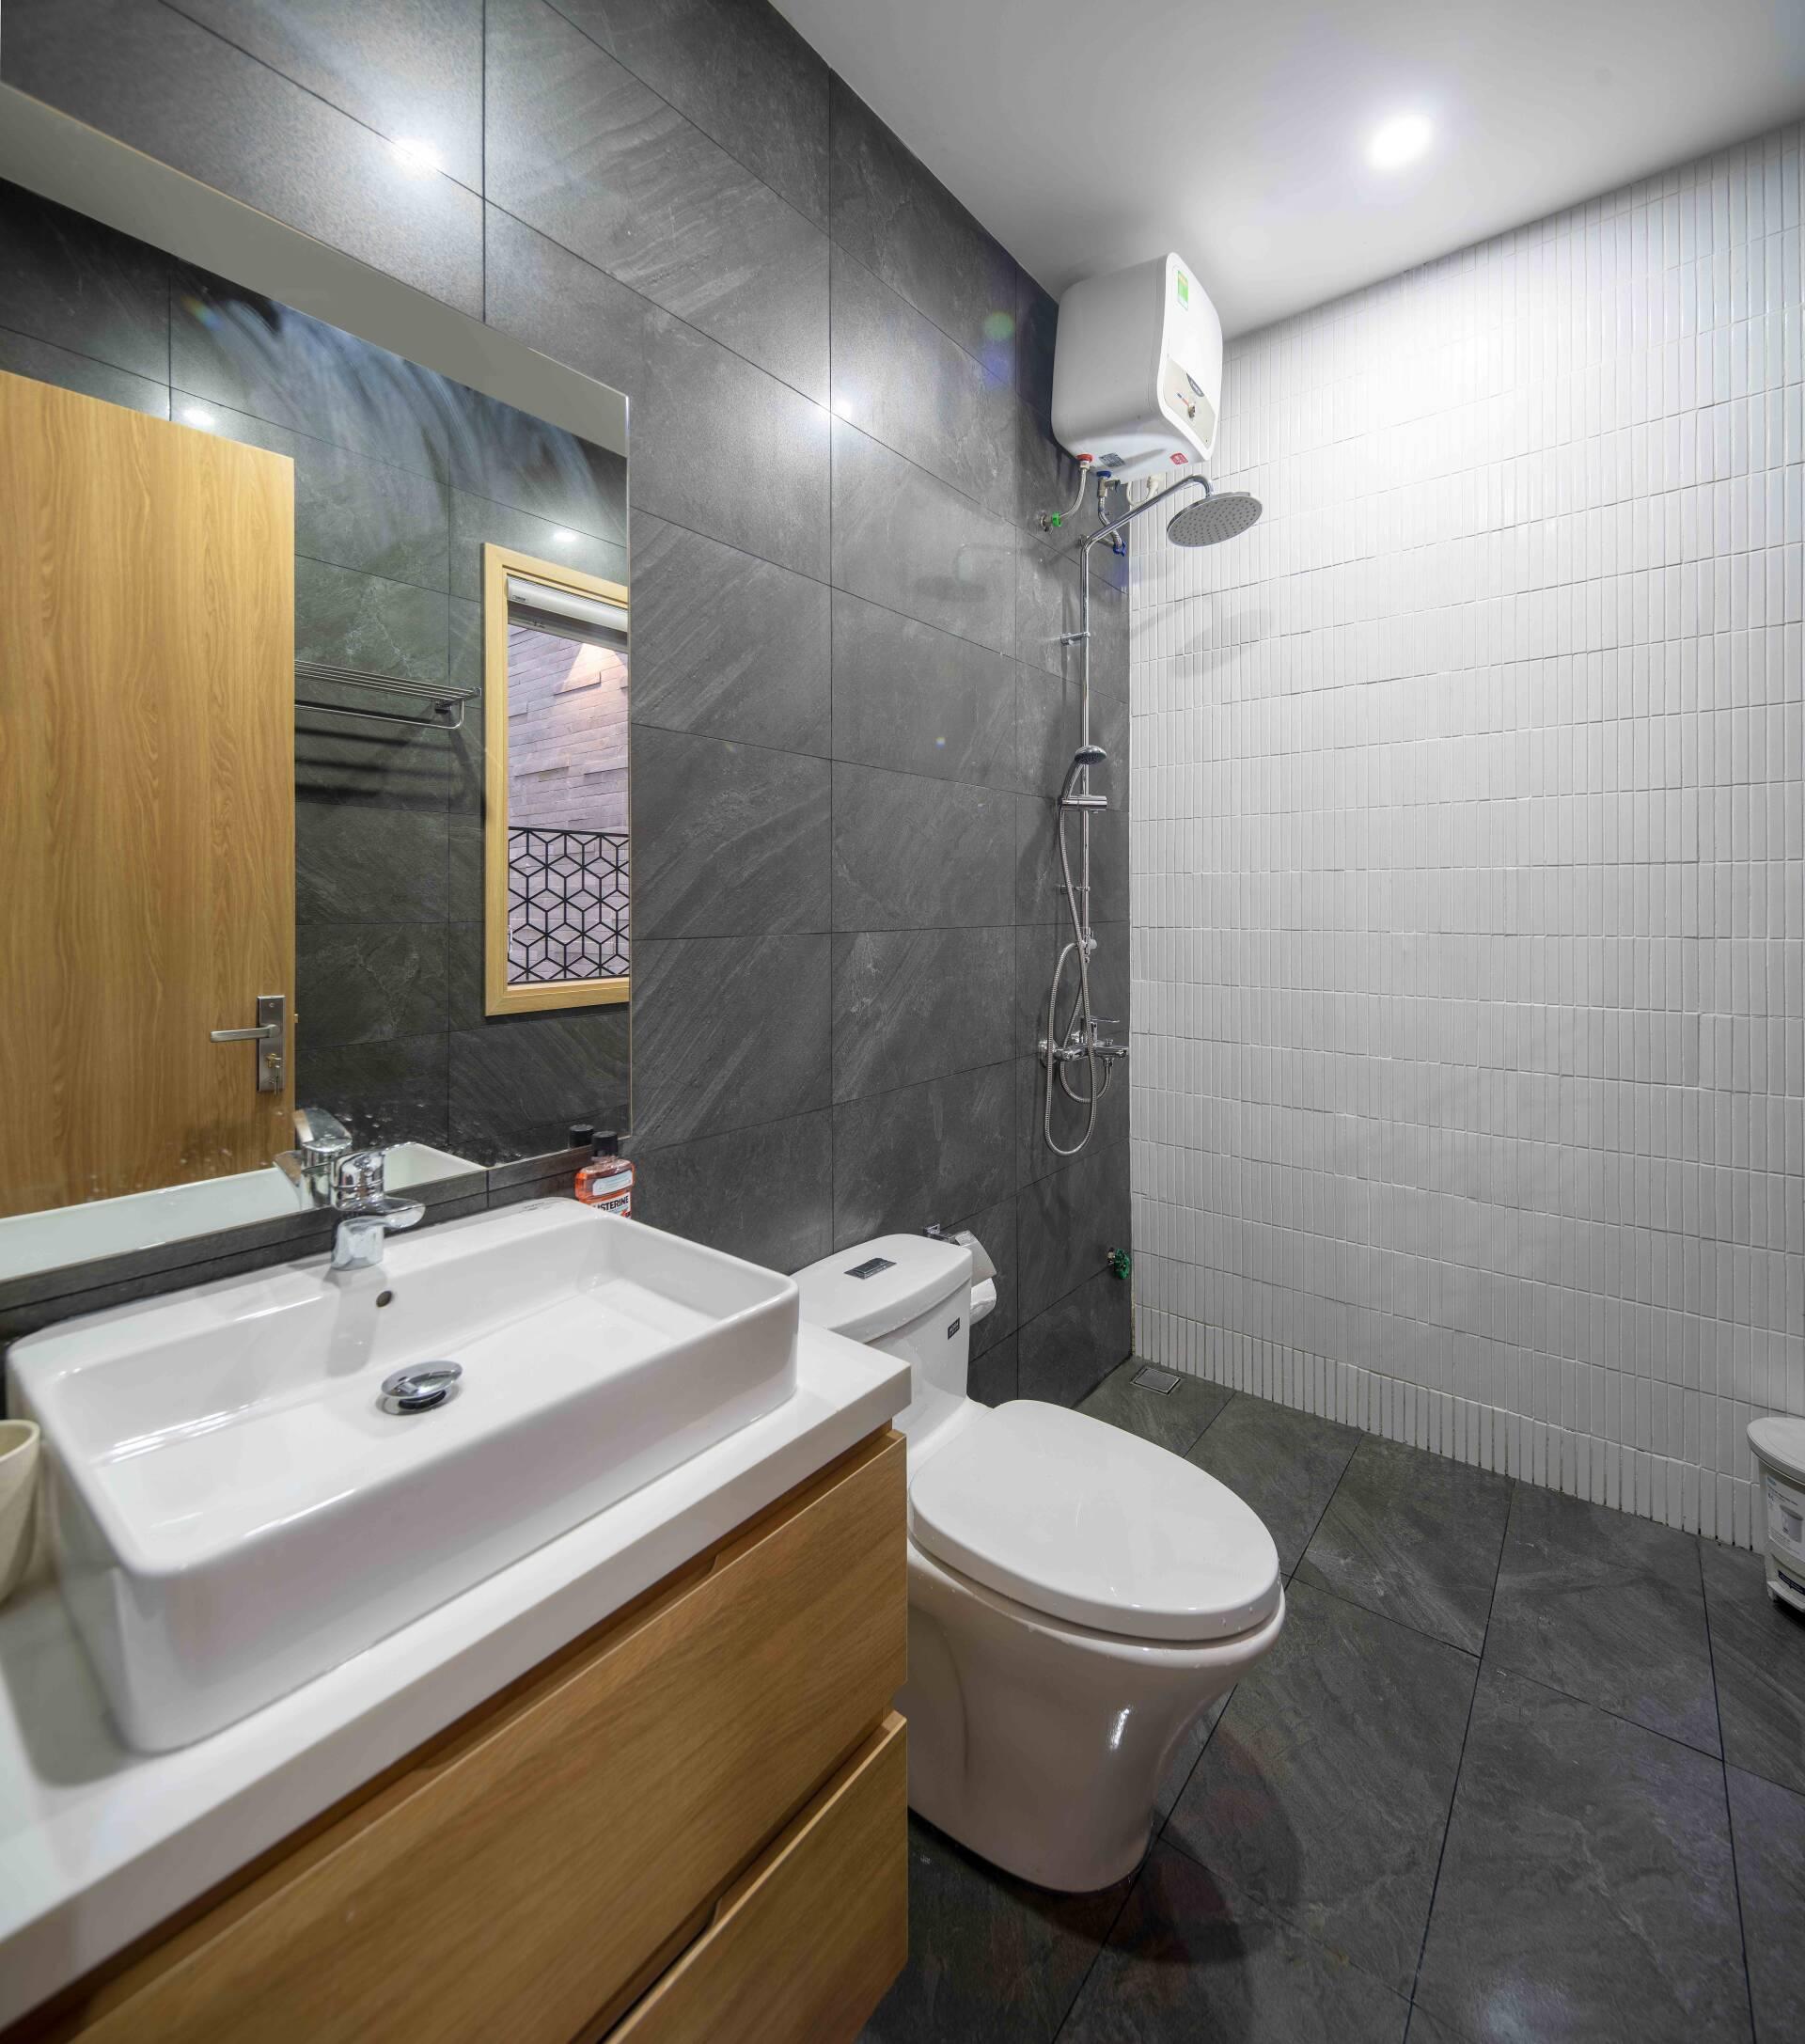 Phòng ngủ của bé cũng có phòng vệ sinh khép kín riêng biệt